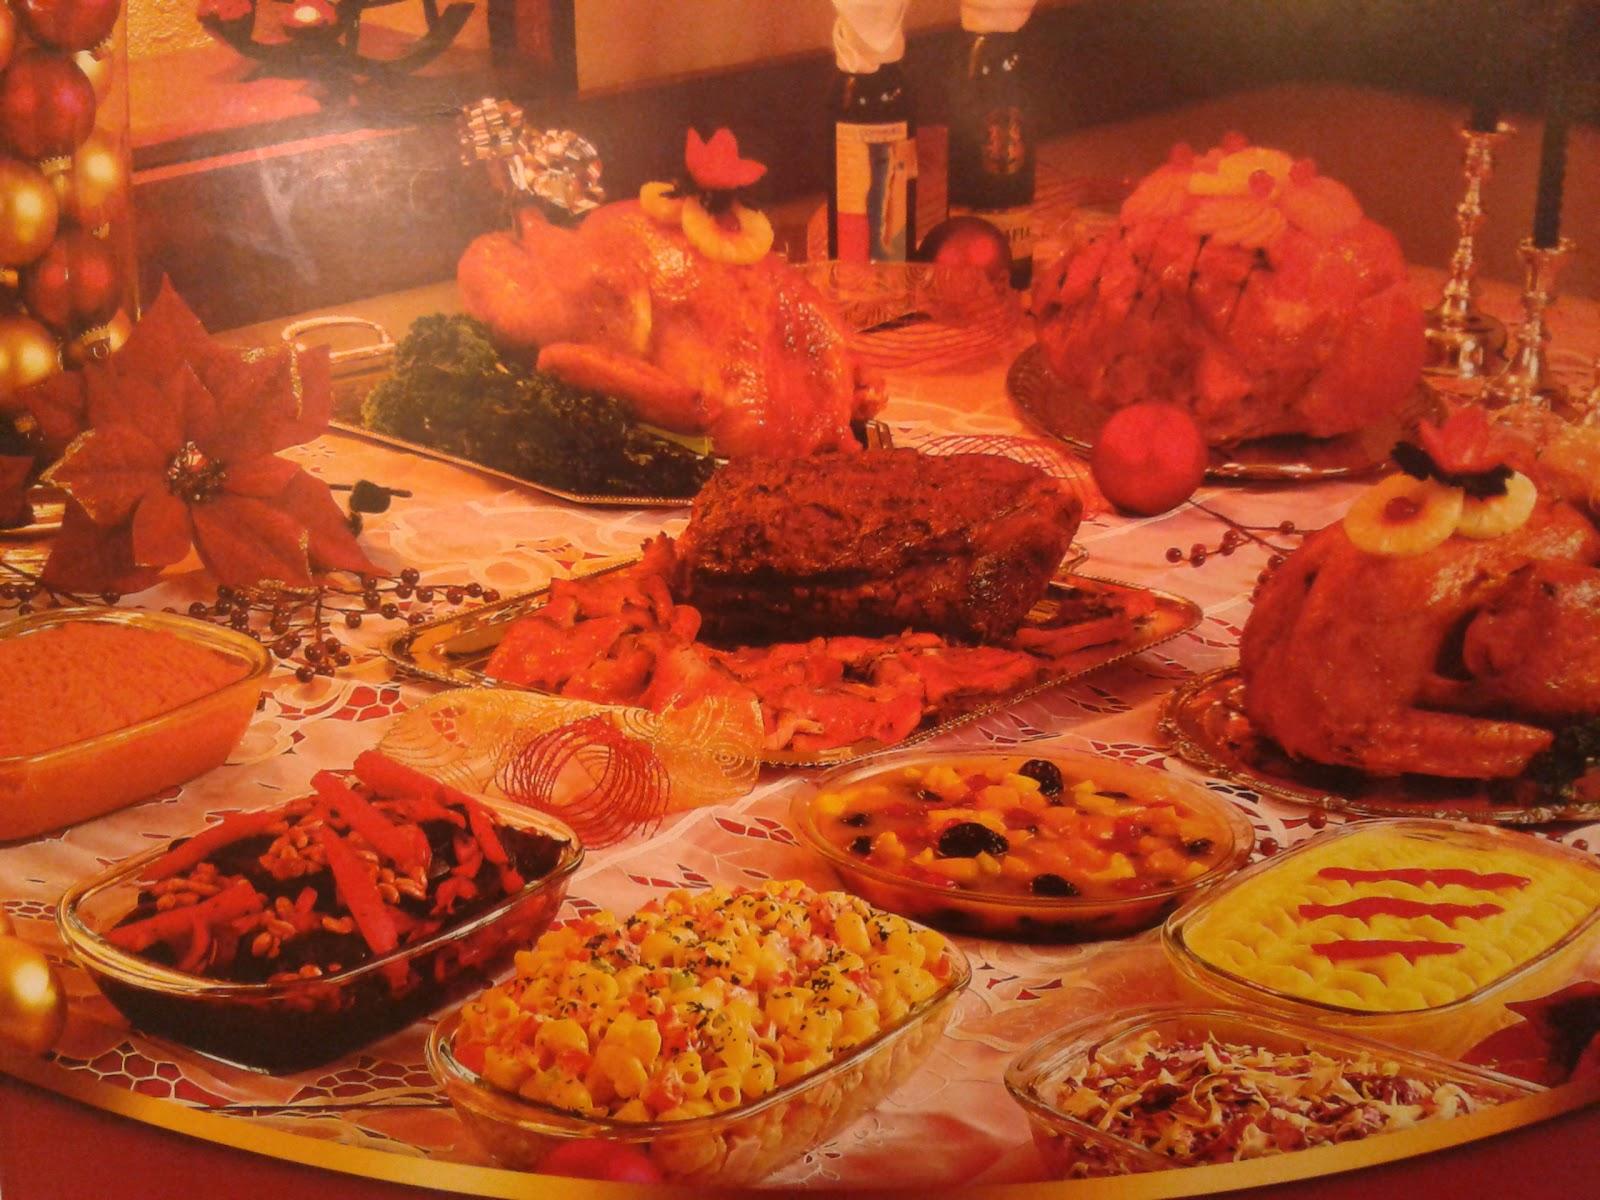 I sanborns deliciosa cena de a o nuevo s lo for Menu de sanborns